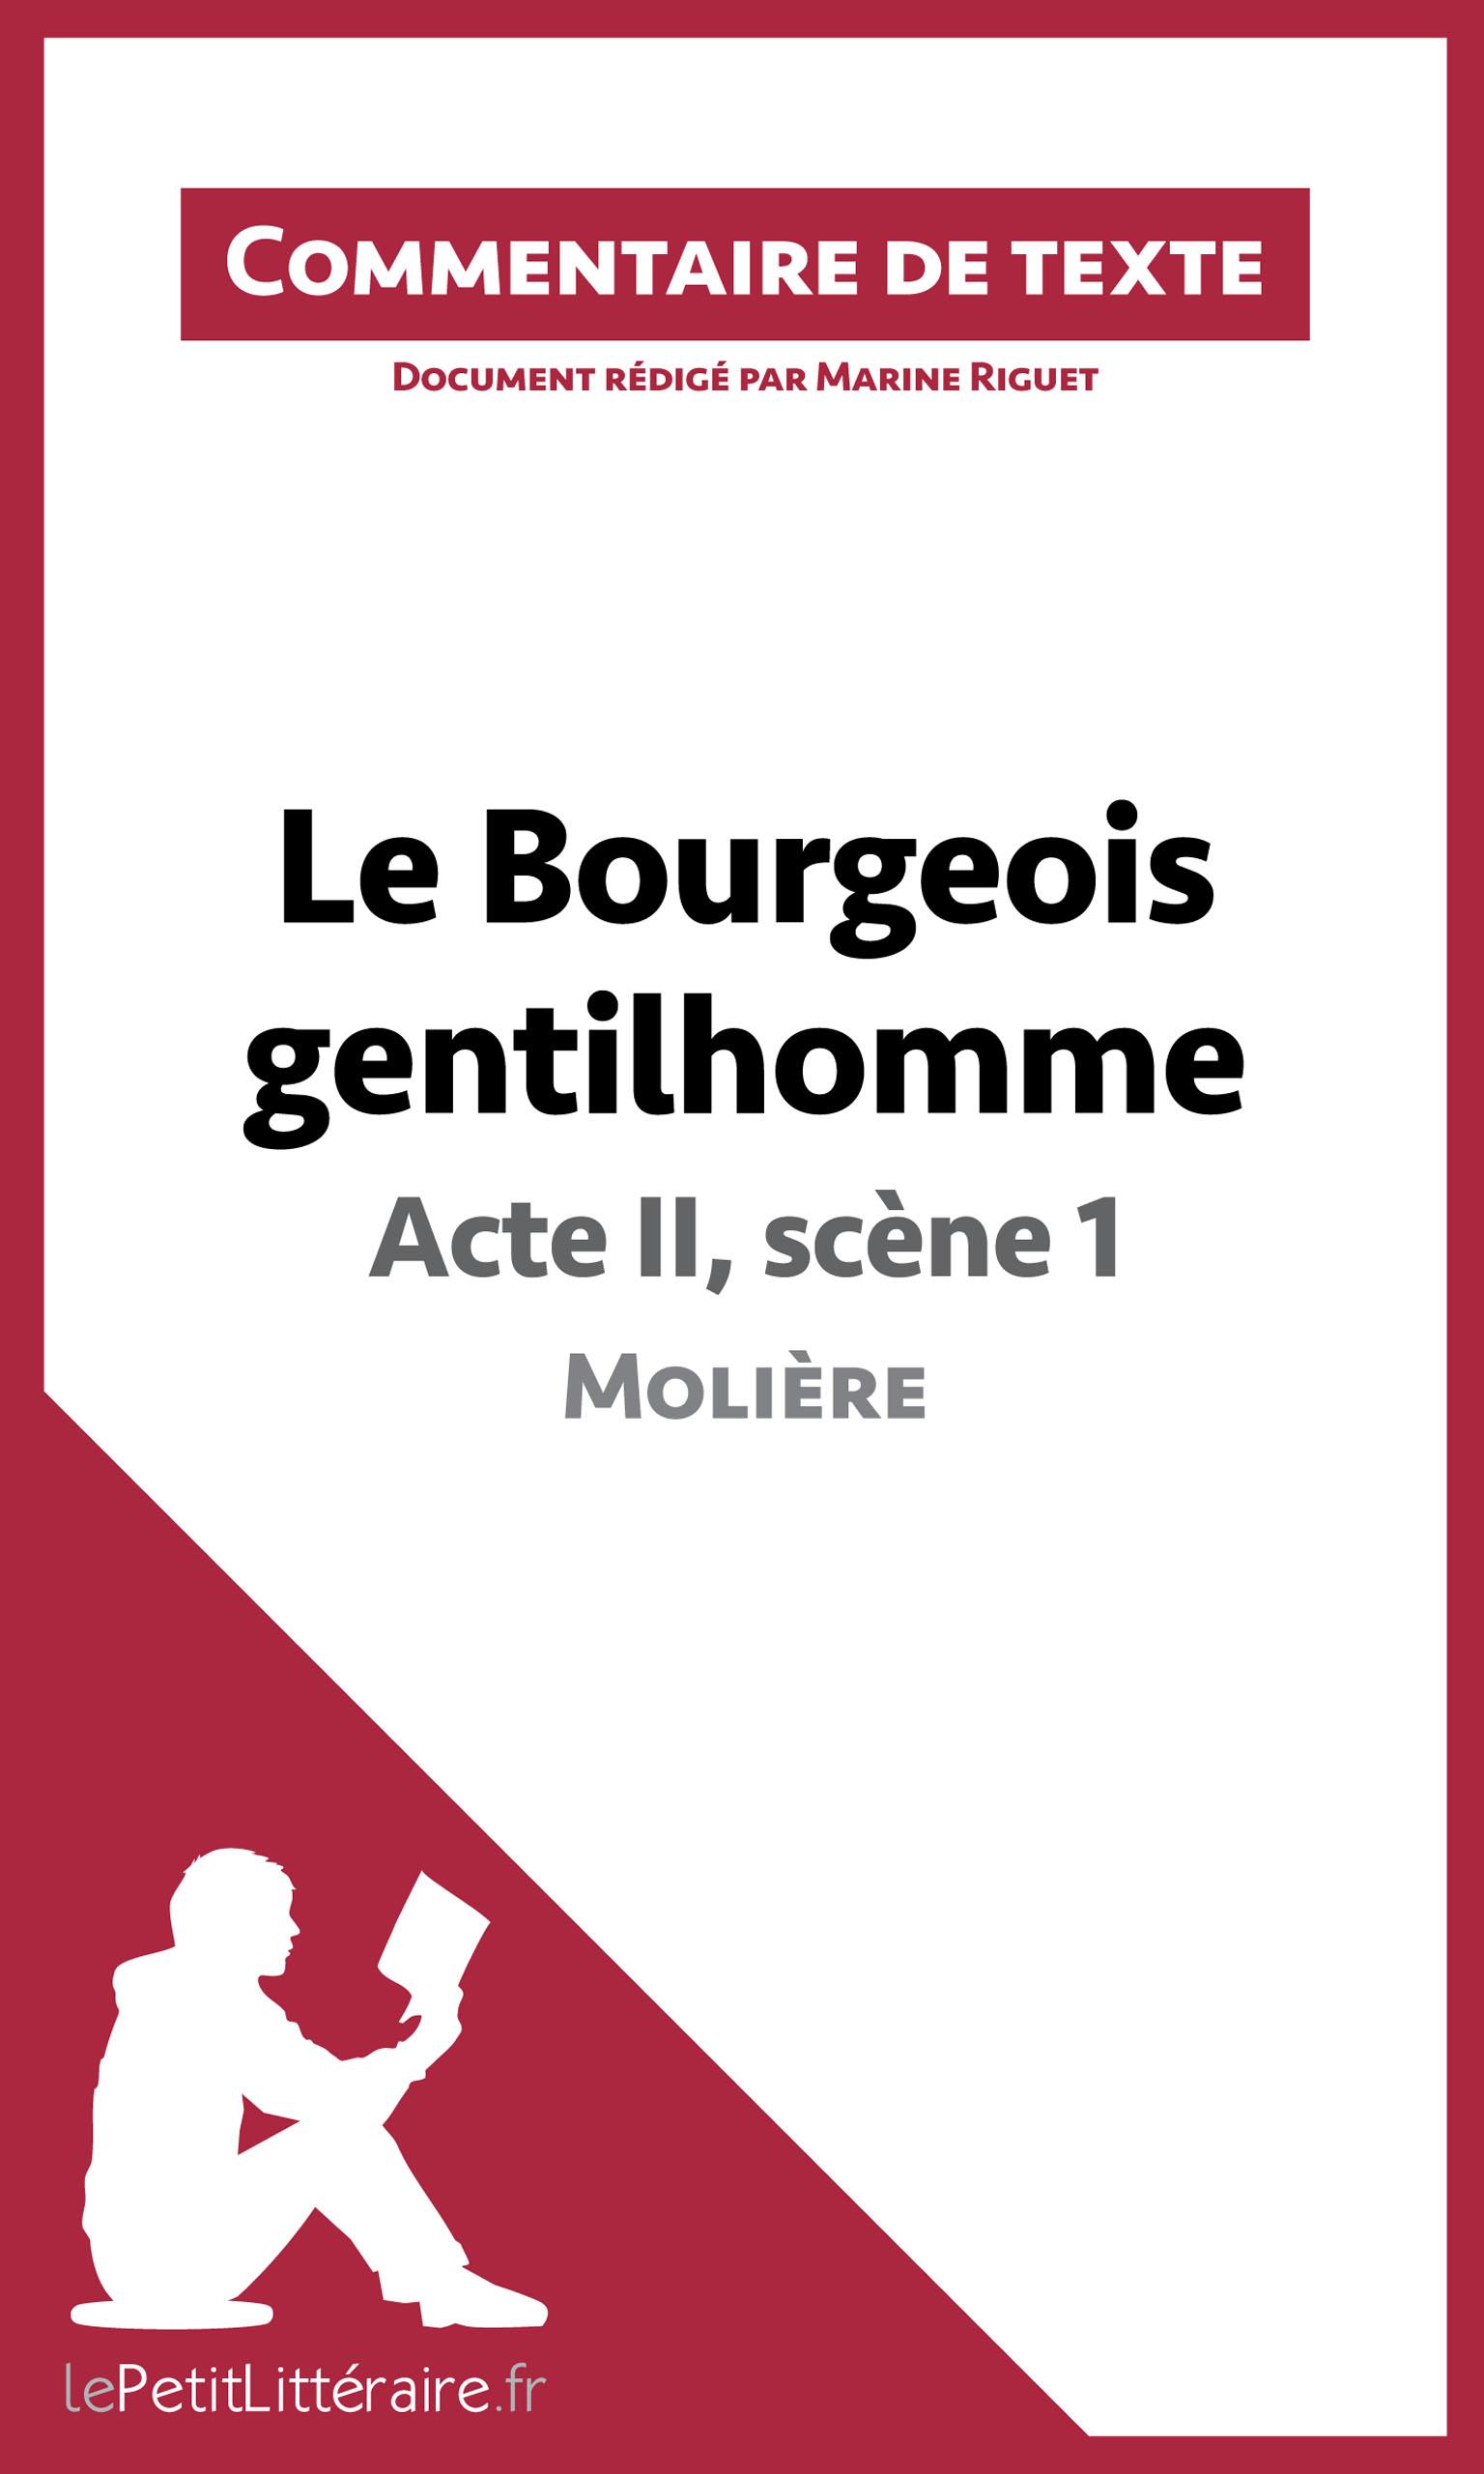 Le Bourgeois gentilhomme de Moli?re - Acte II, sc?ne 1 (Commentaire de texte)